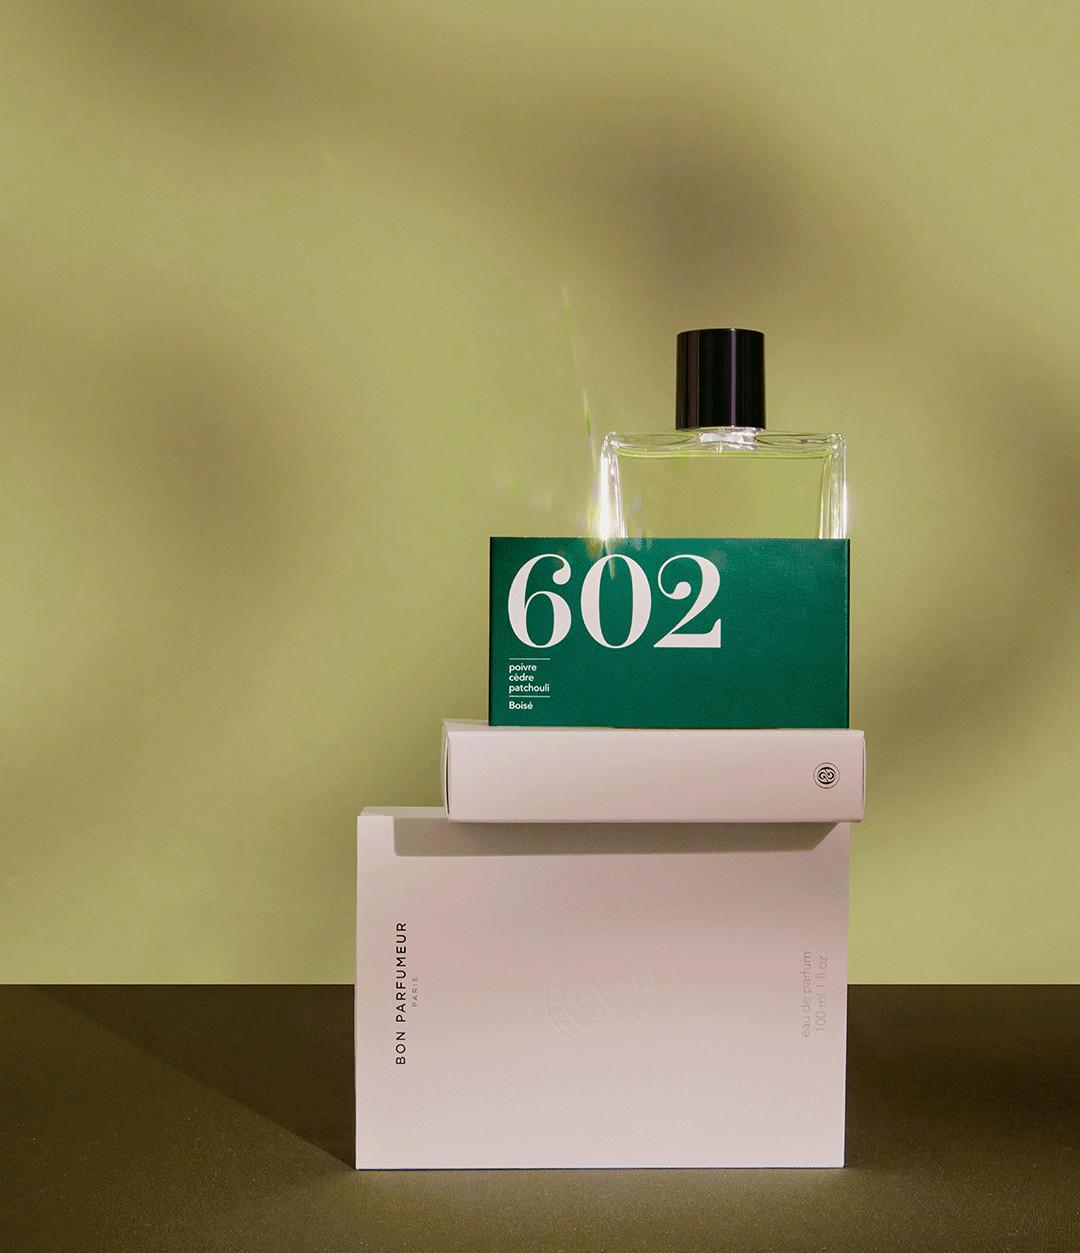 BON PARFUMEUR - Eau de Parfum #602 Poivre, Cèdre, Patchouli